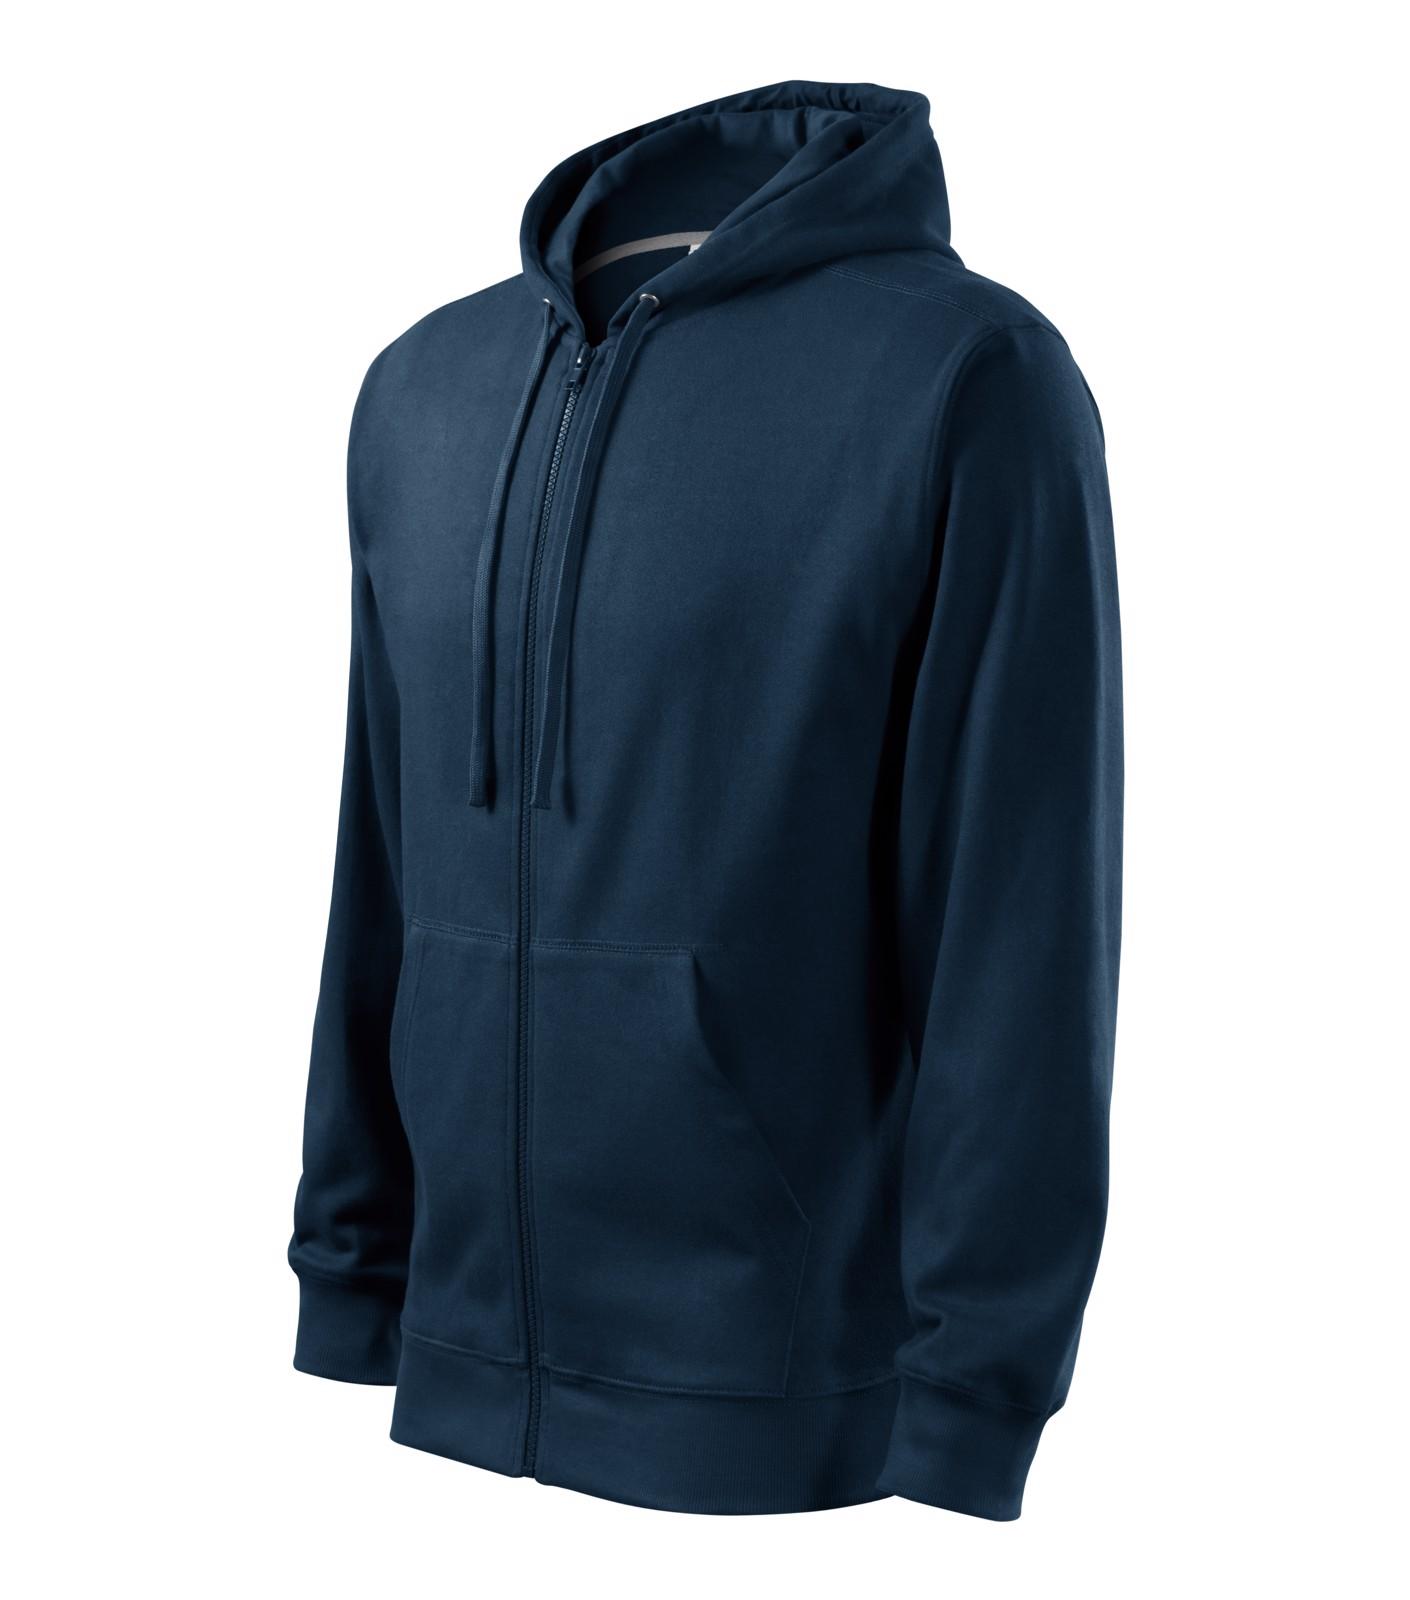 Mikina pánská Malfini Trendy Zipper - Námořní Modrá / 2XL